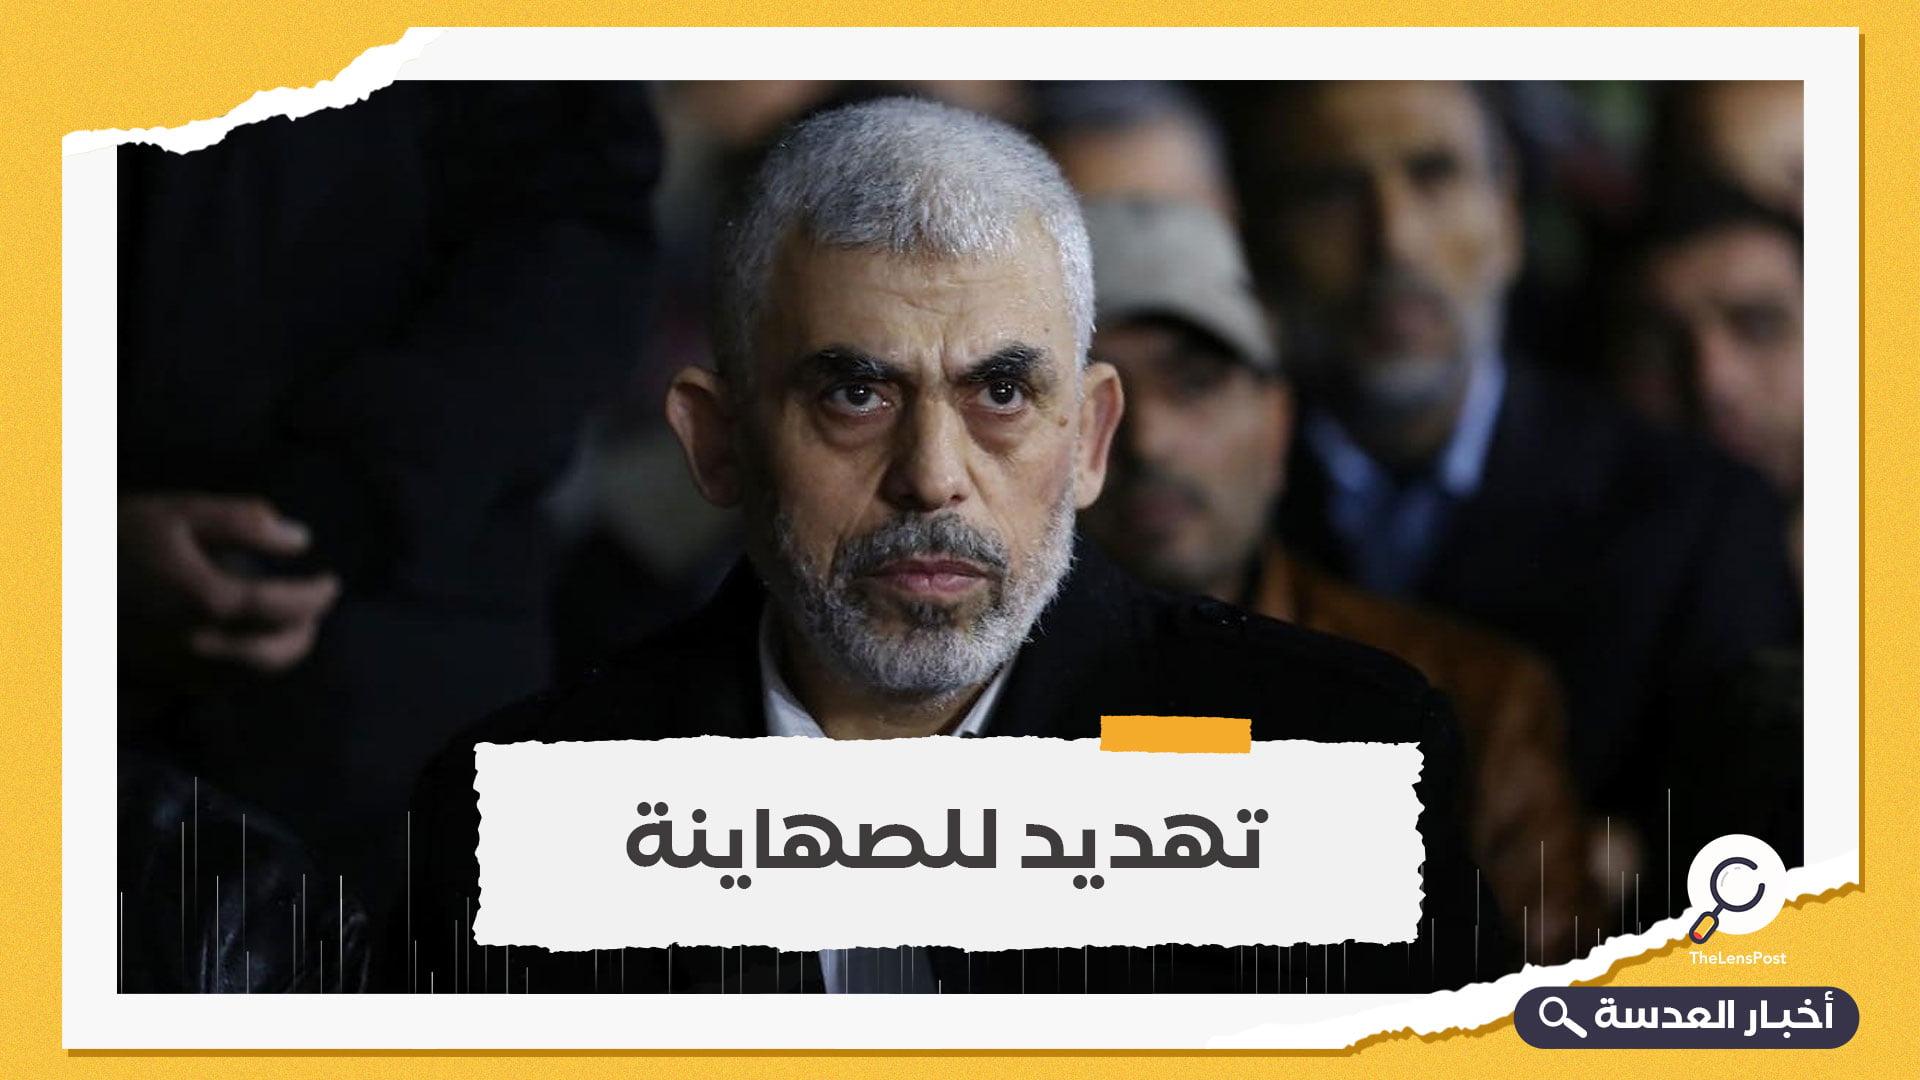 قائد حماس يهدد الاحتلال حال عرقلة الانتخابات